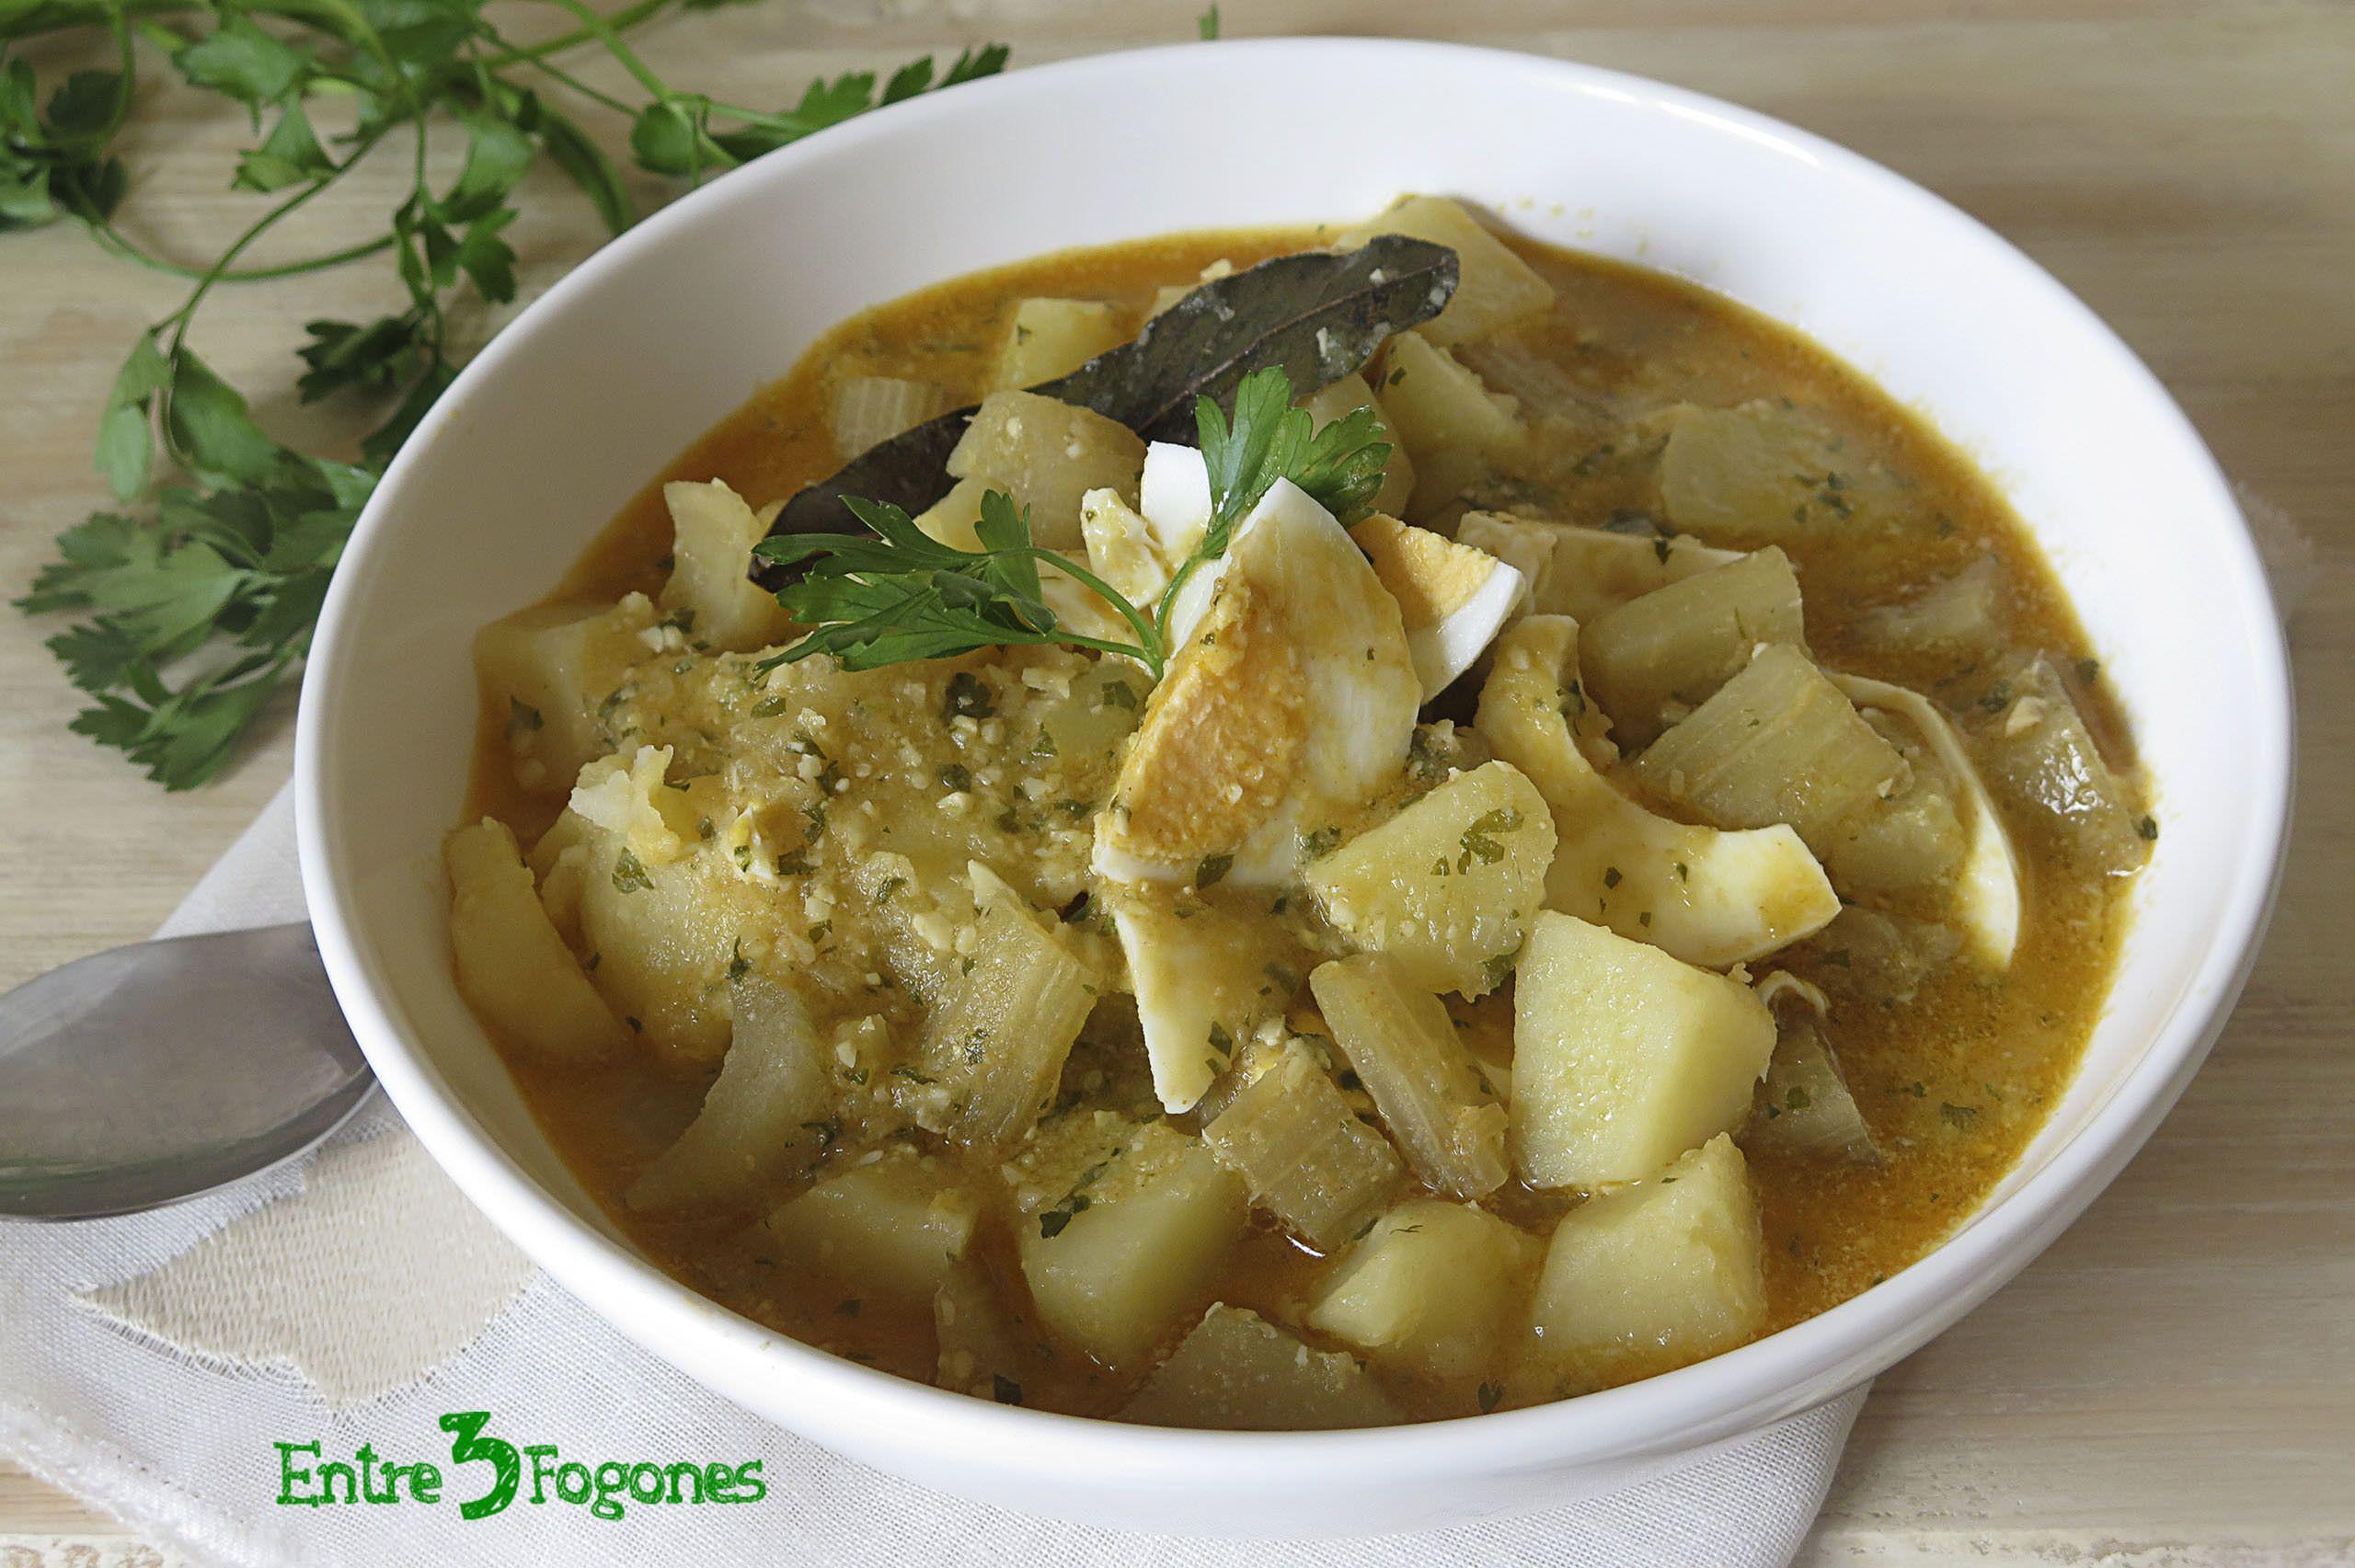 Receta Caldo de Patatas con Cardo y Huevo Cocido